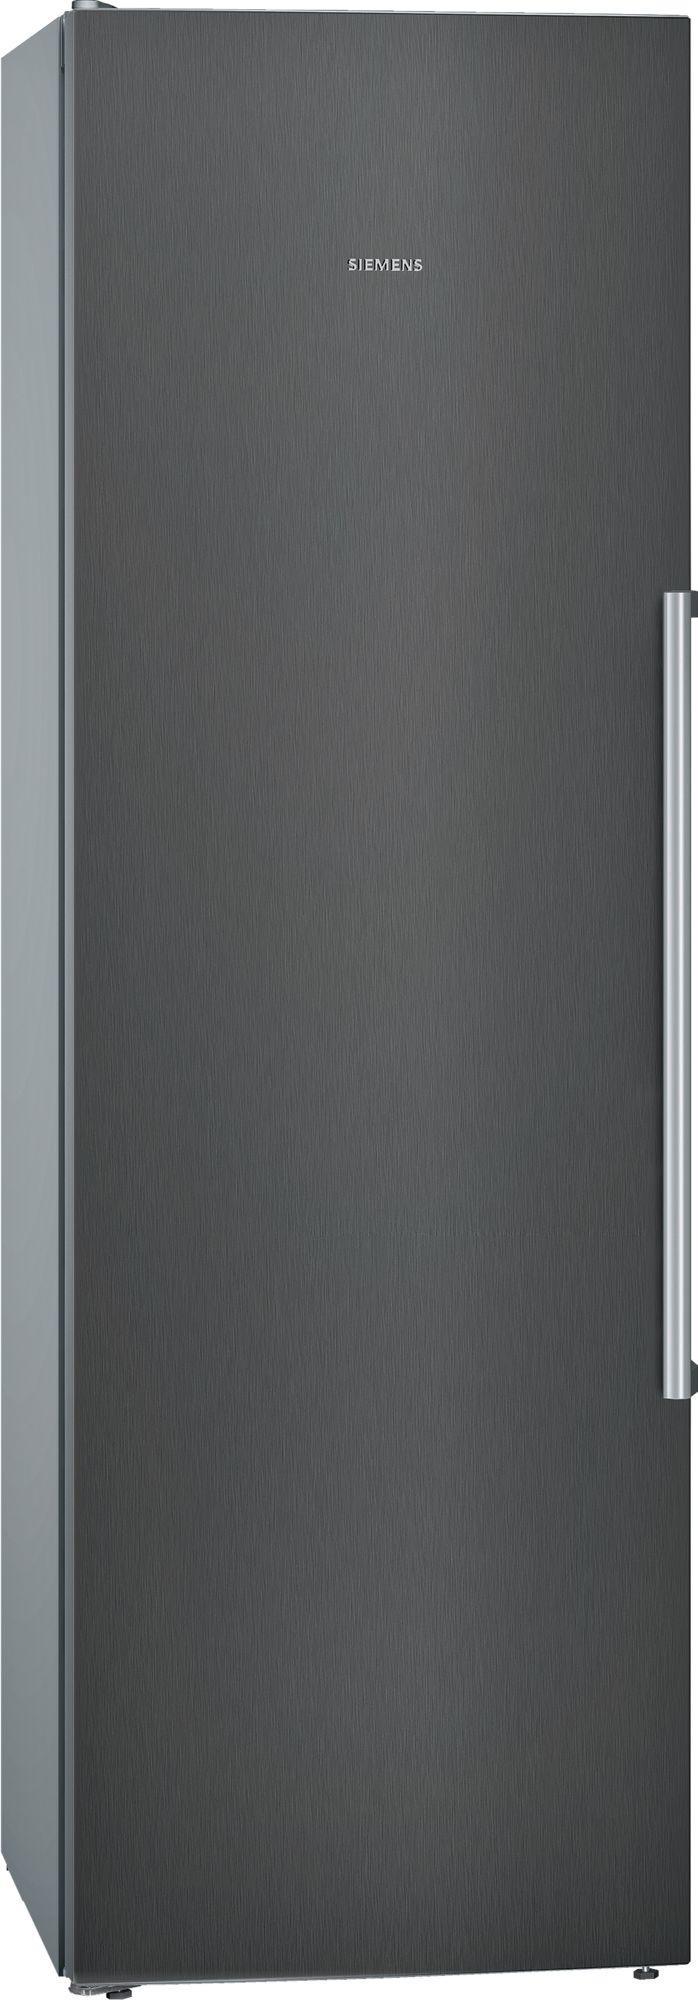 iQ500 KS36VAXEP 346 Litre Single Door Fridge | Black Stainless Steel